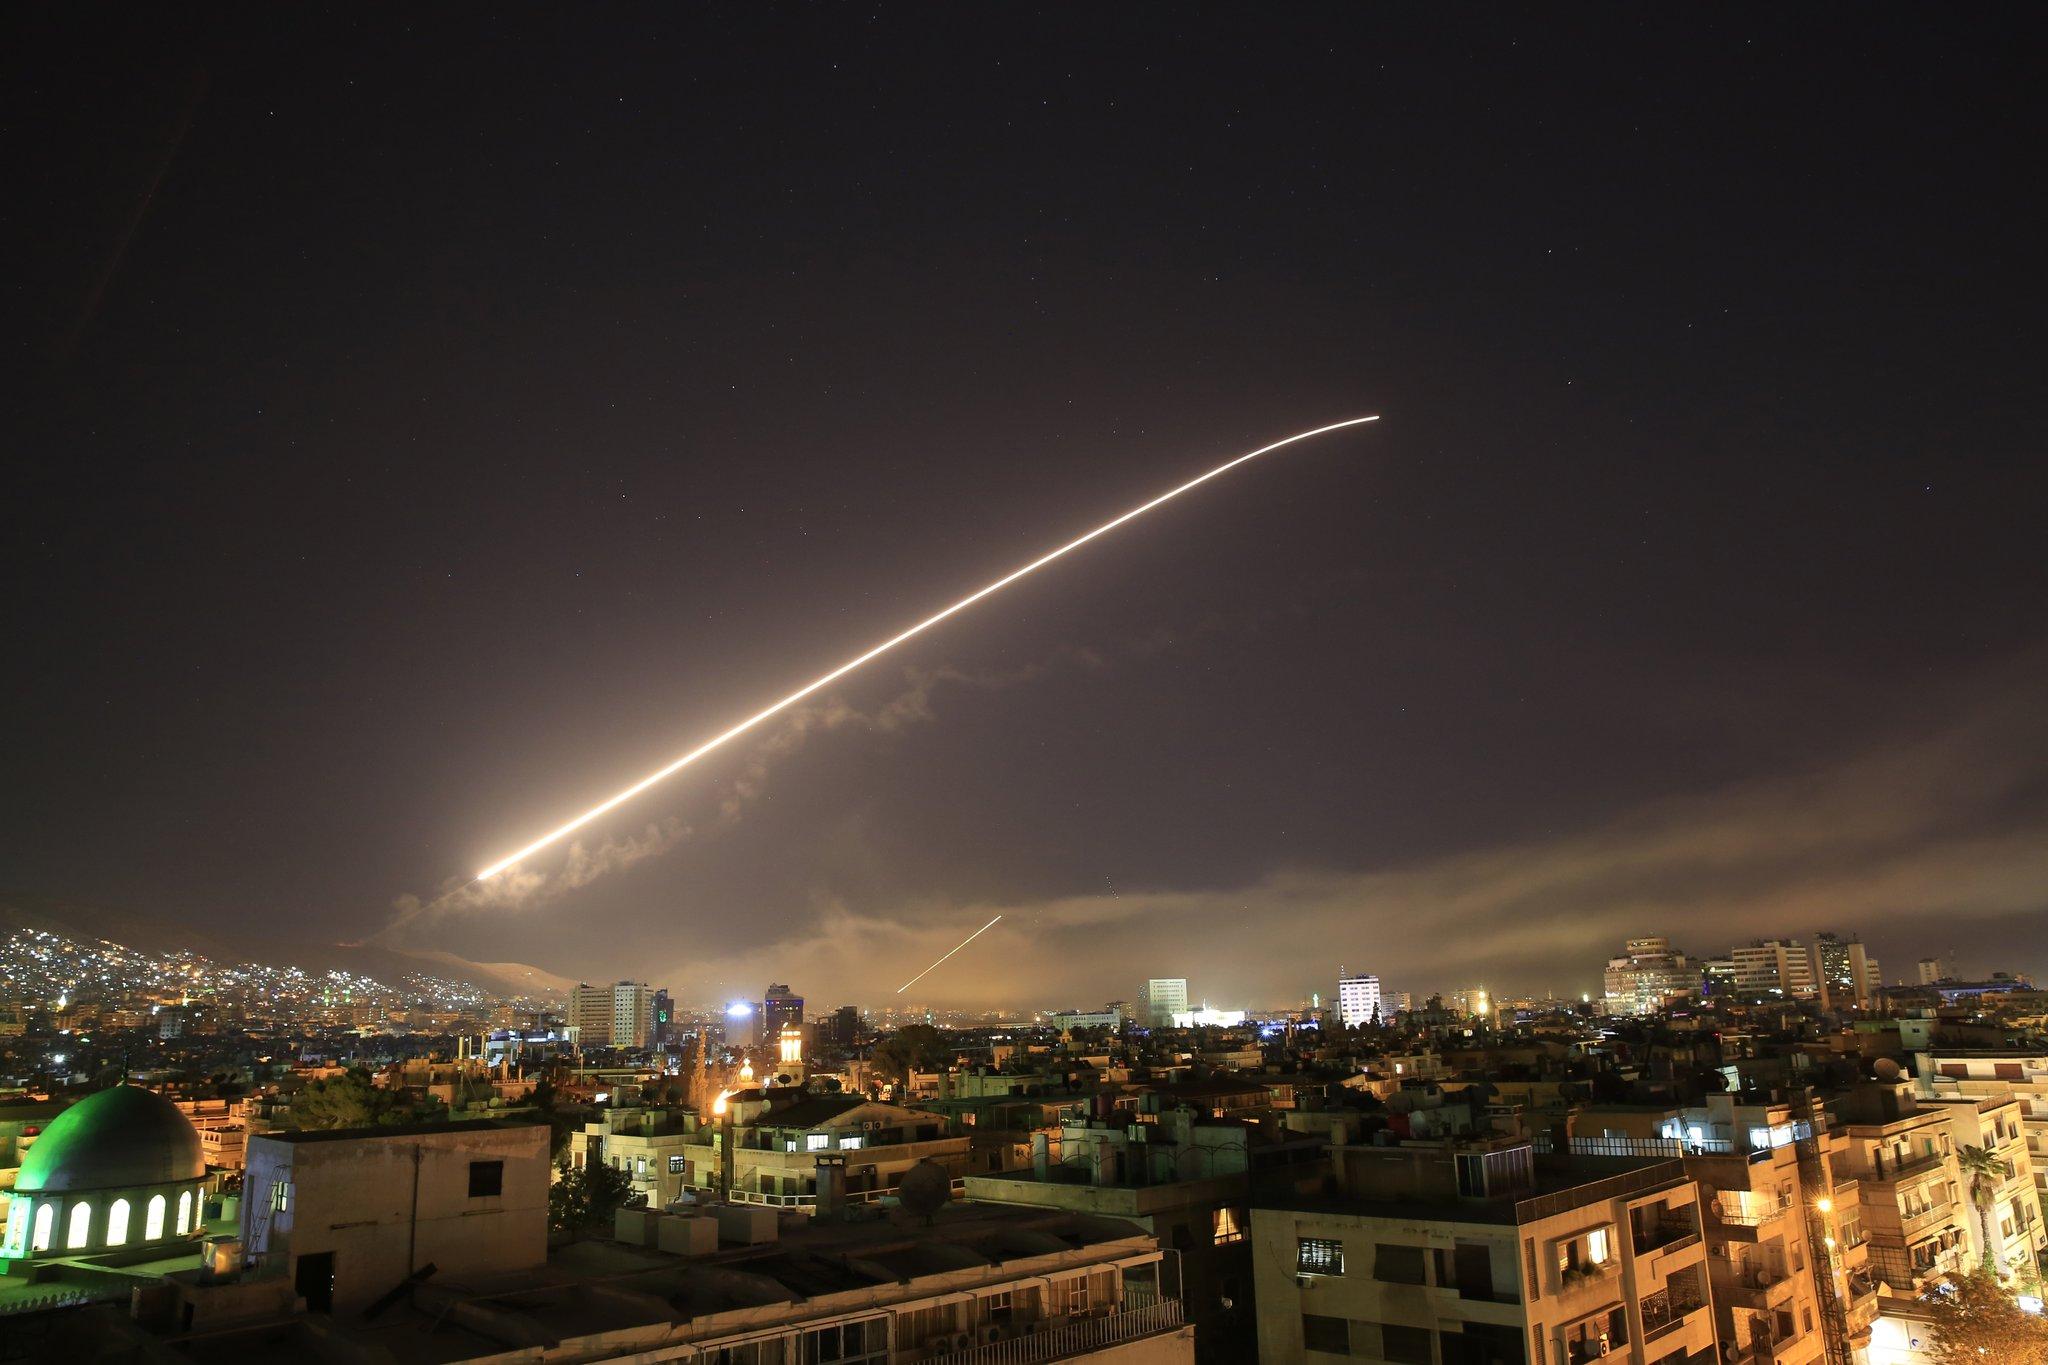 Un misil cruza el cielo durante el ataque del sábado a Siria.